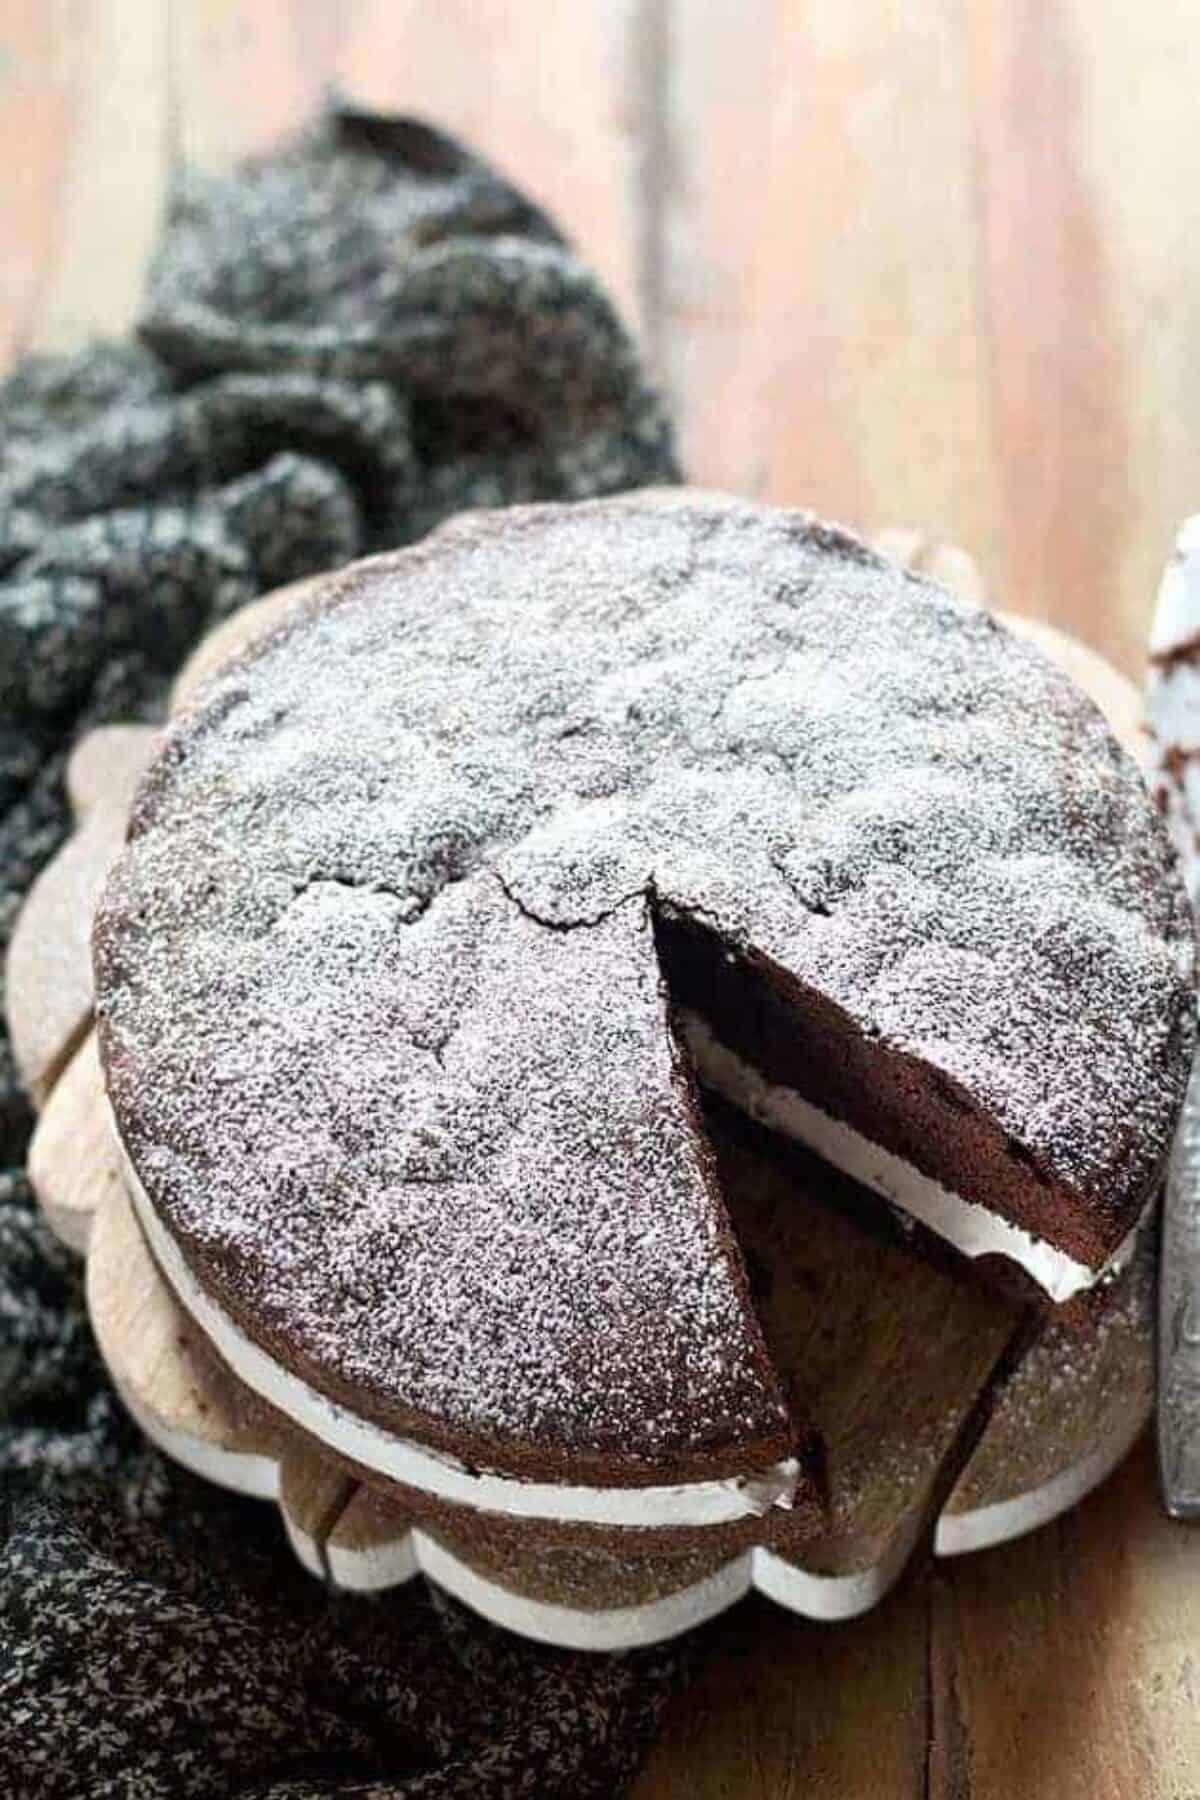 Ricetta Pan Di Spagna Al Cioccolato Al Latte.Torta Paradiso Al Cioccolato Soffice Al Cacao La Ricetta Perfetta